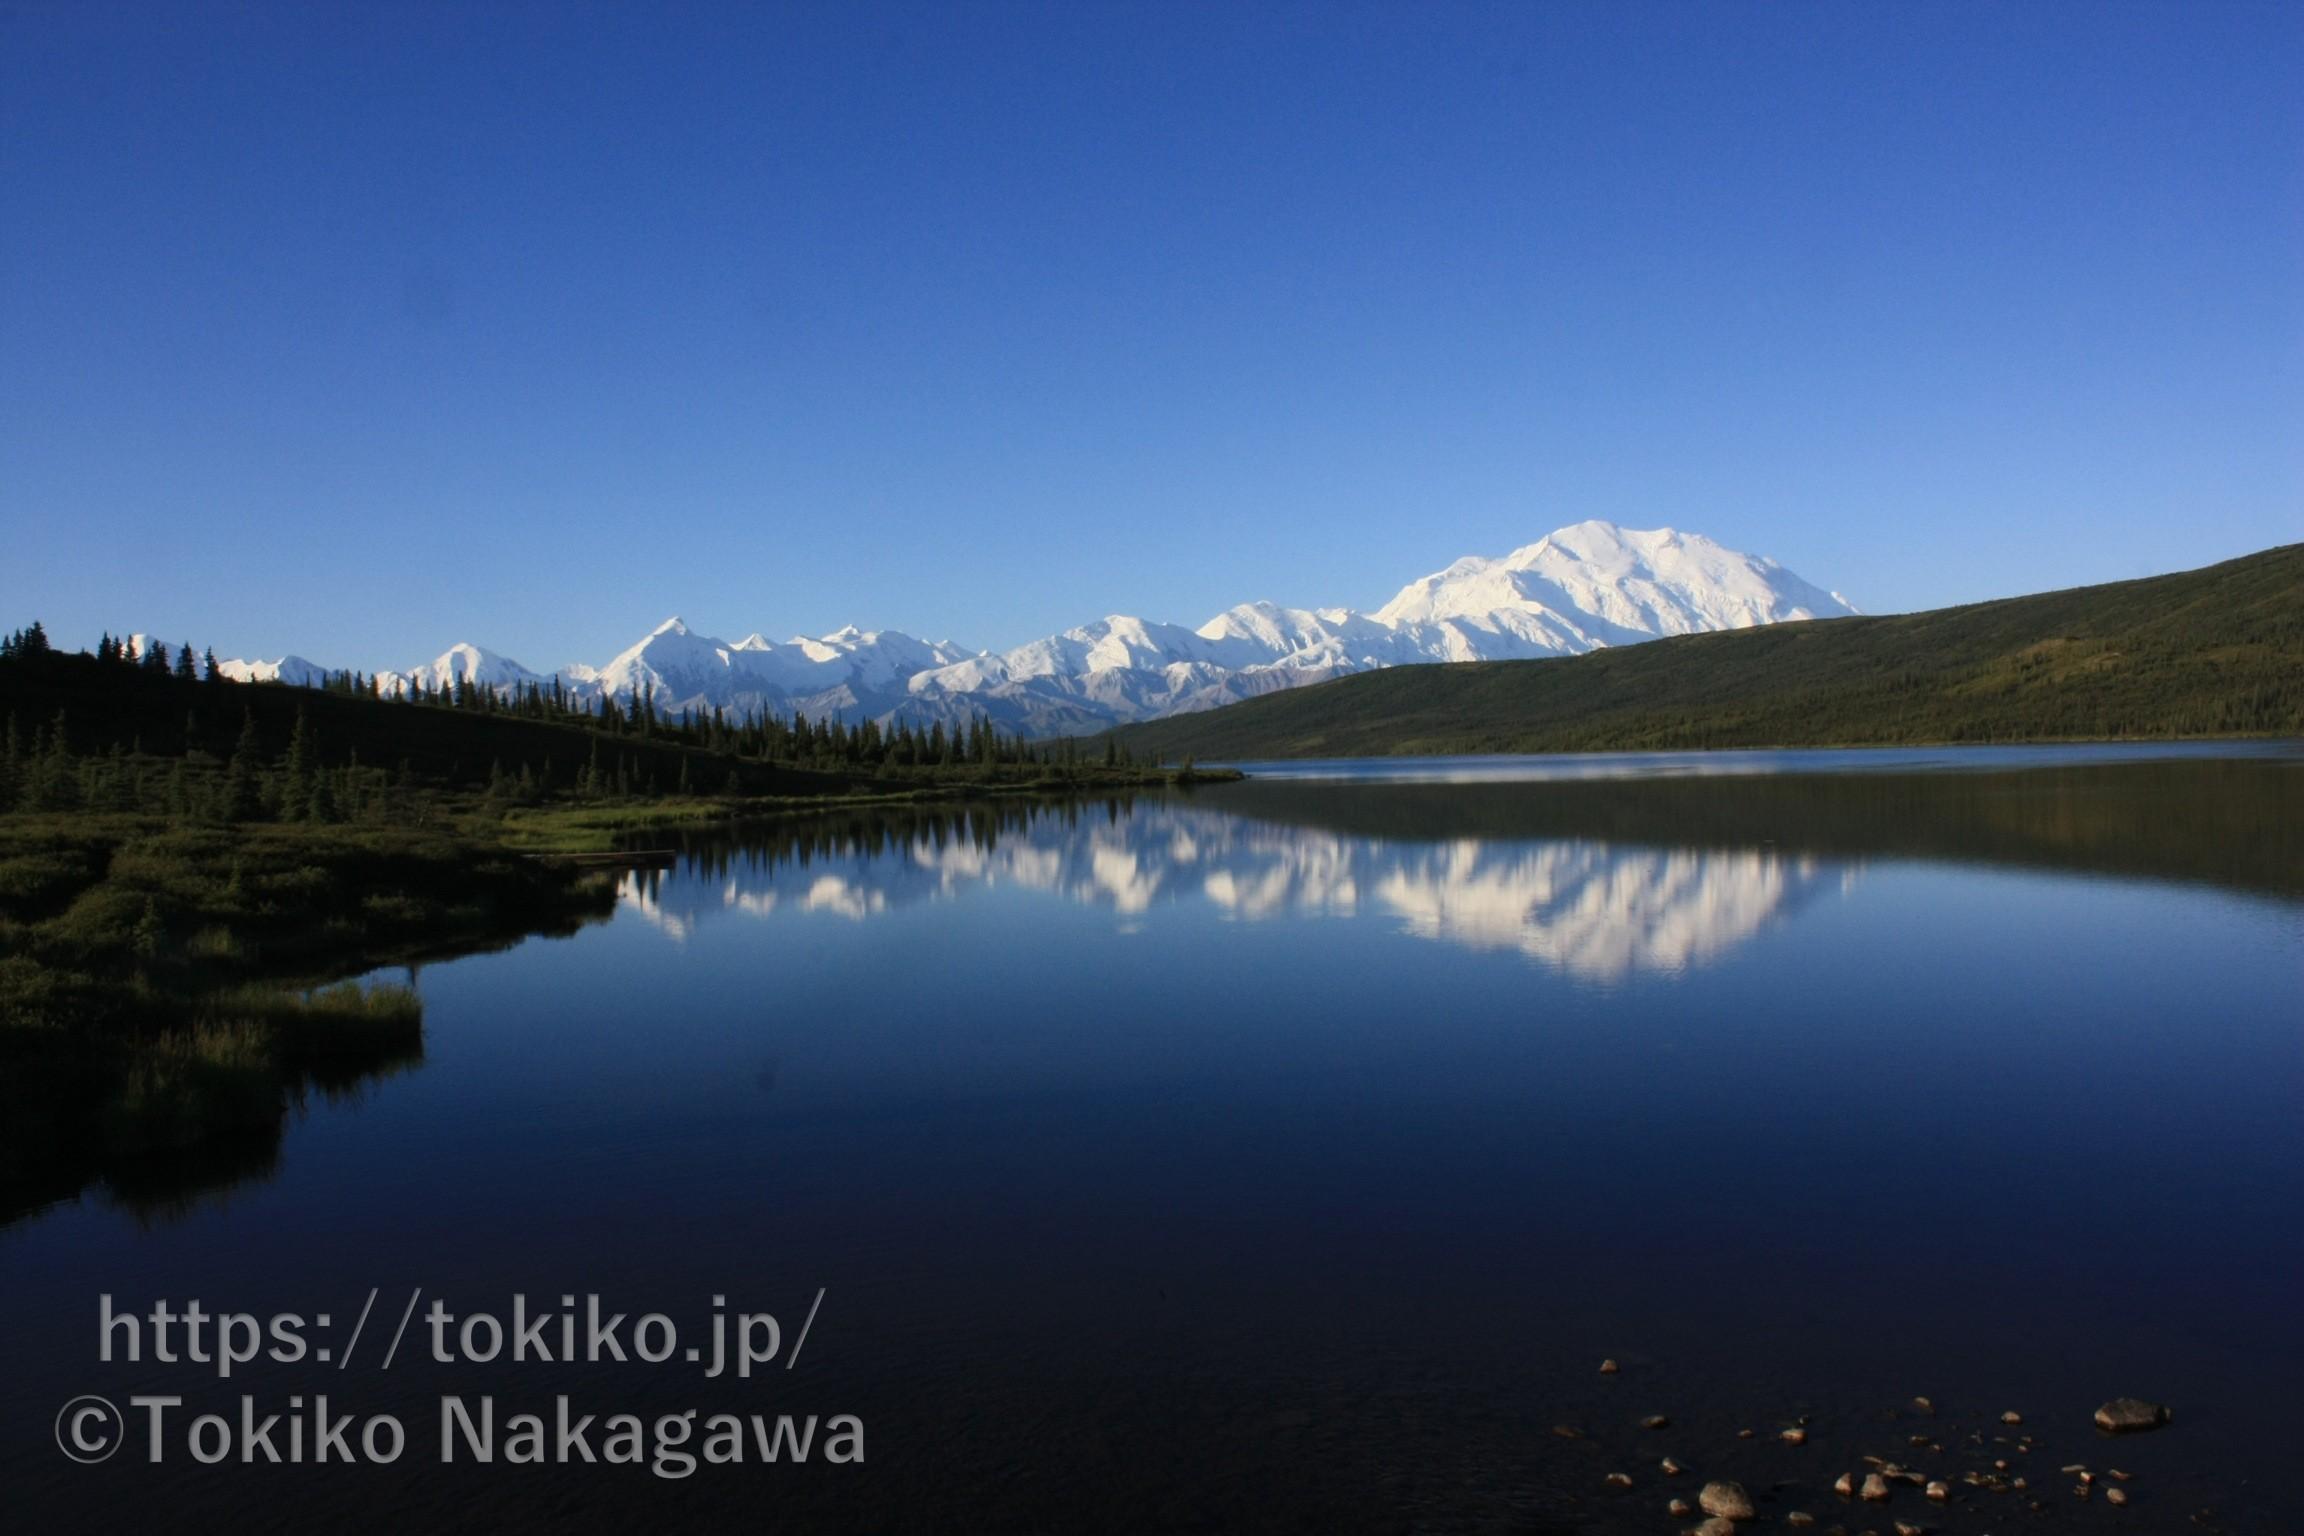 アラスカ デナリ国立公園 デナリ(マッキンリー)の眺め